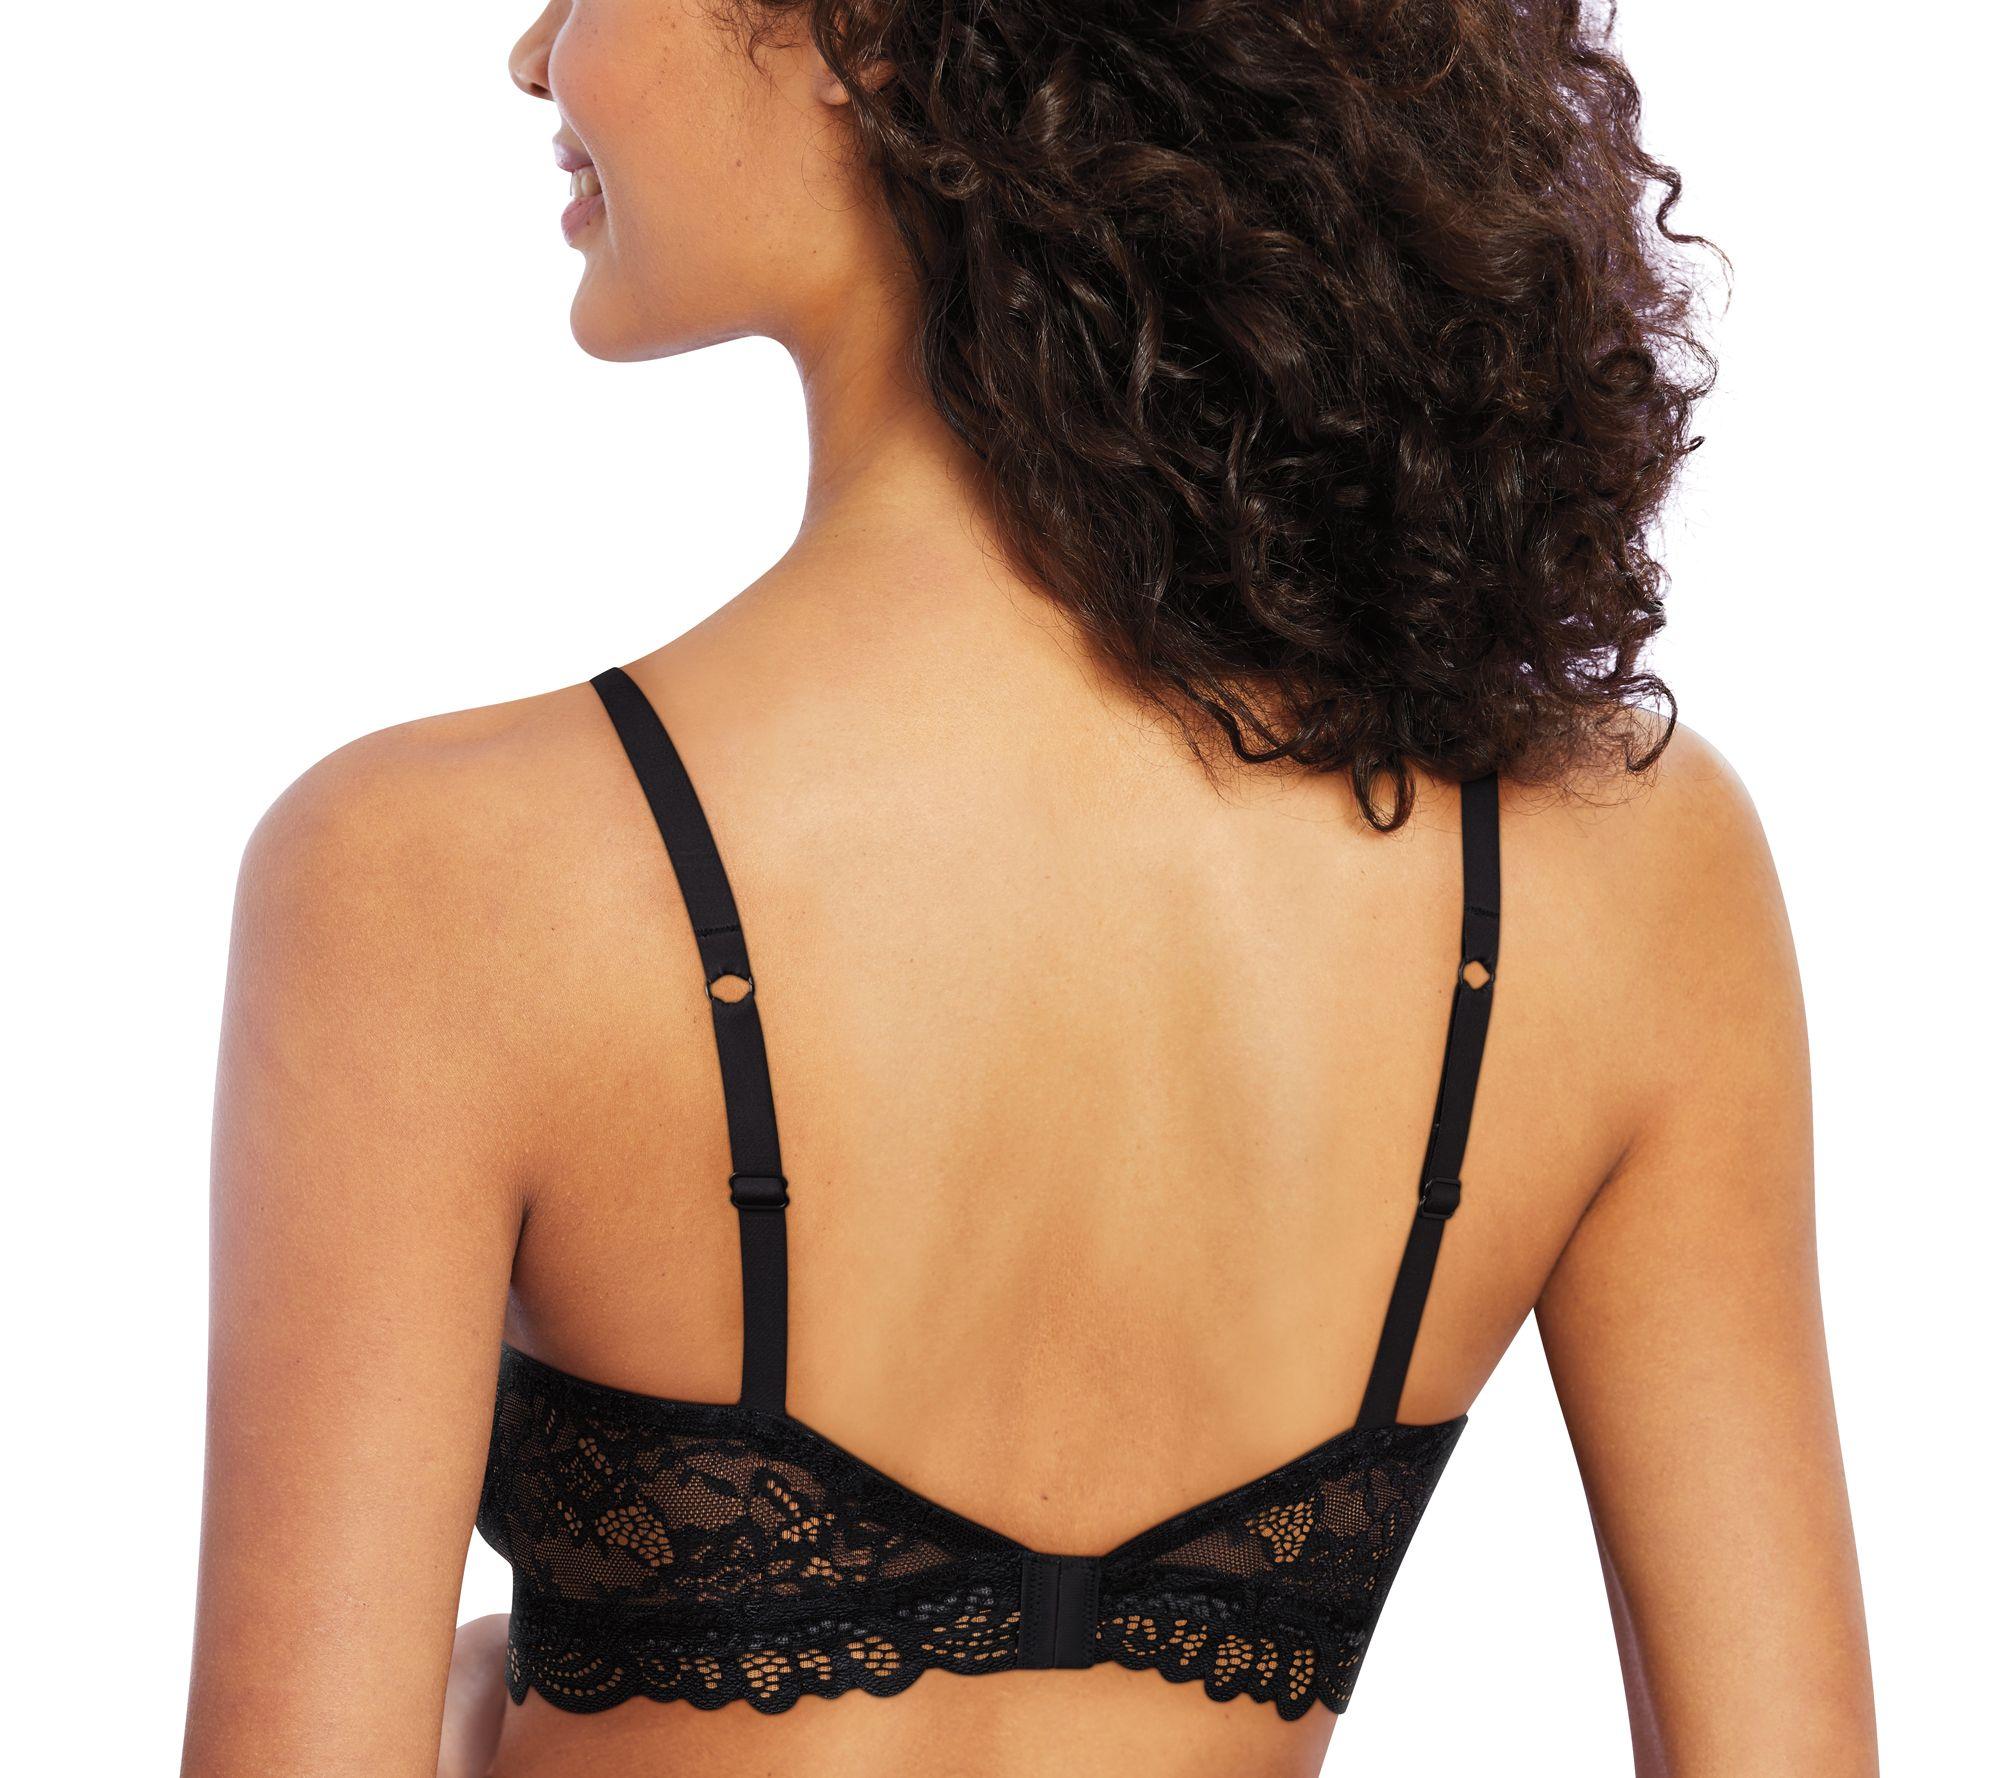 513729839 Bali Allover Lace Desire Foam Wirefree Bra - Page 1 — QVC.com